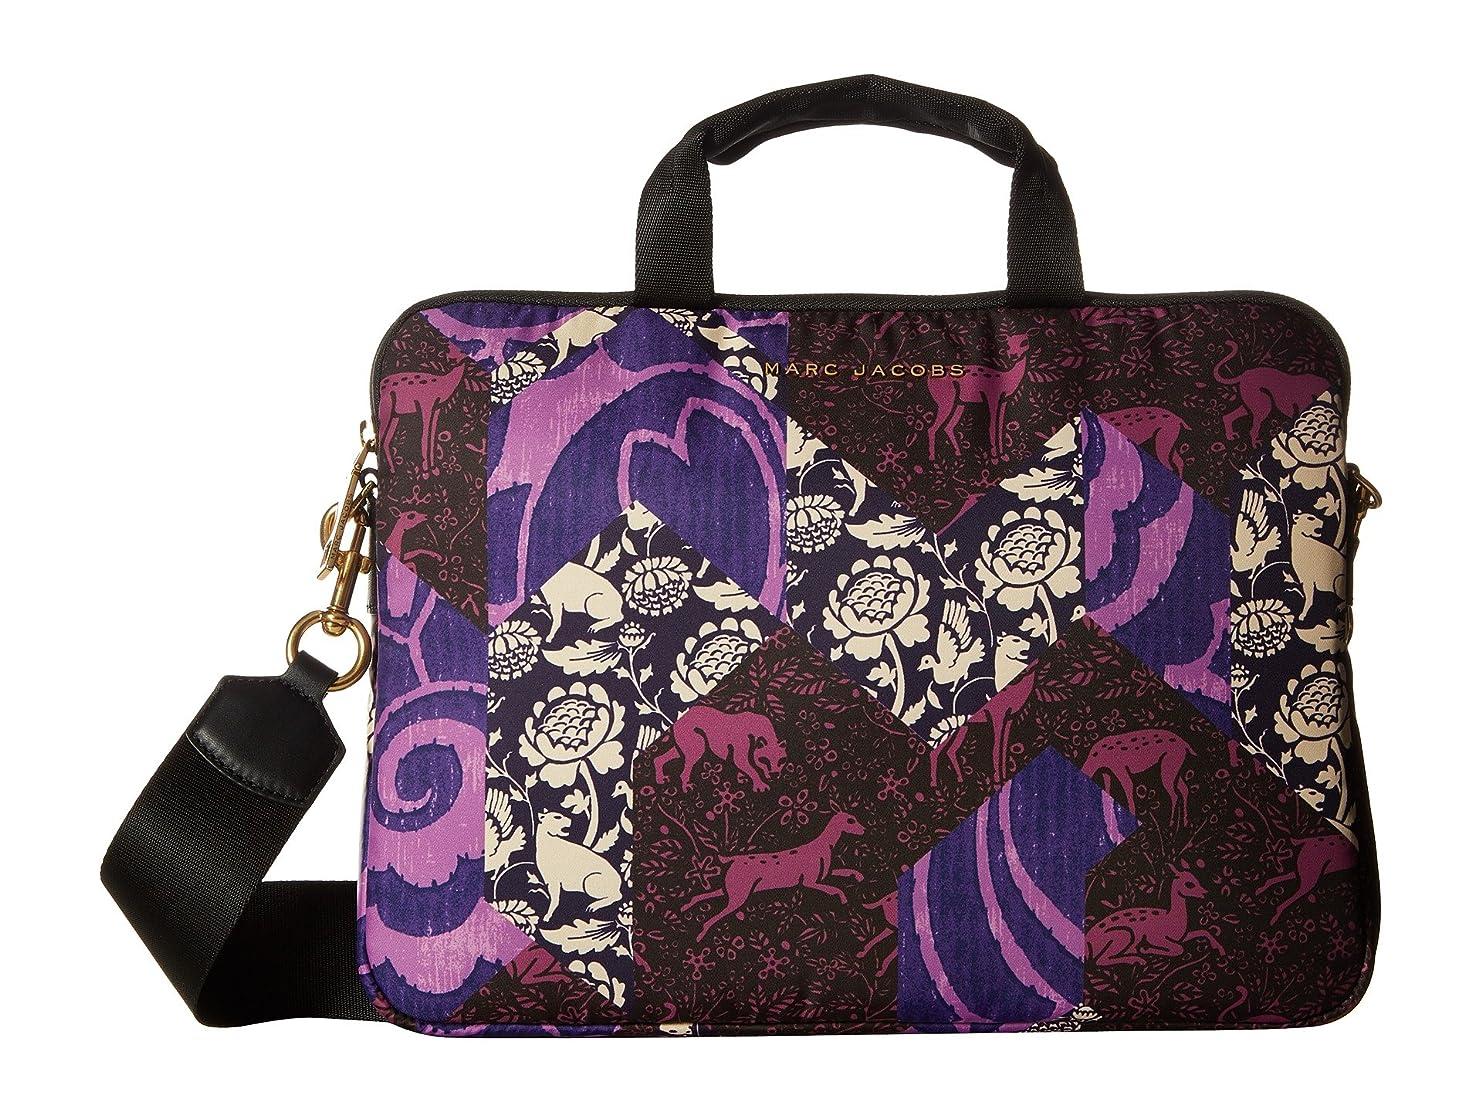 位置する嫌がらせウミウシ[マークジェイコブス] Marc Jacobs レディース Byot Tapestry 13 Commuter Case ブリーフケース [並行輸入品]